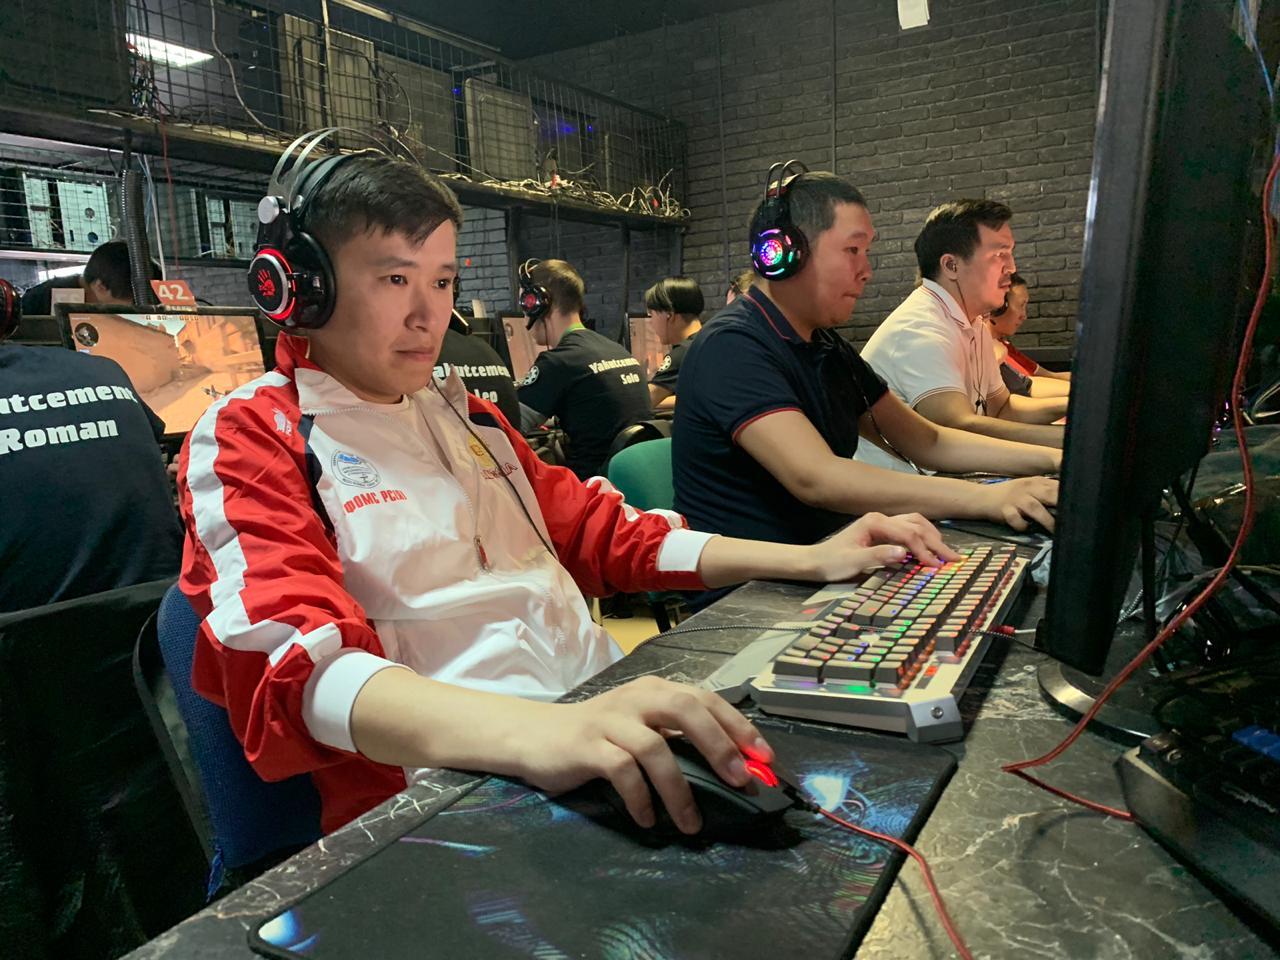 Counter Strike и FIFA-2019: В IV Спартакиаду трудящихся Якутии включен компьютерный спорт